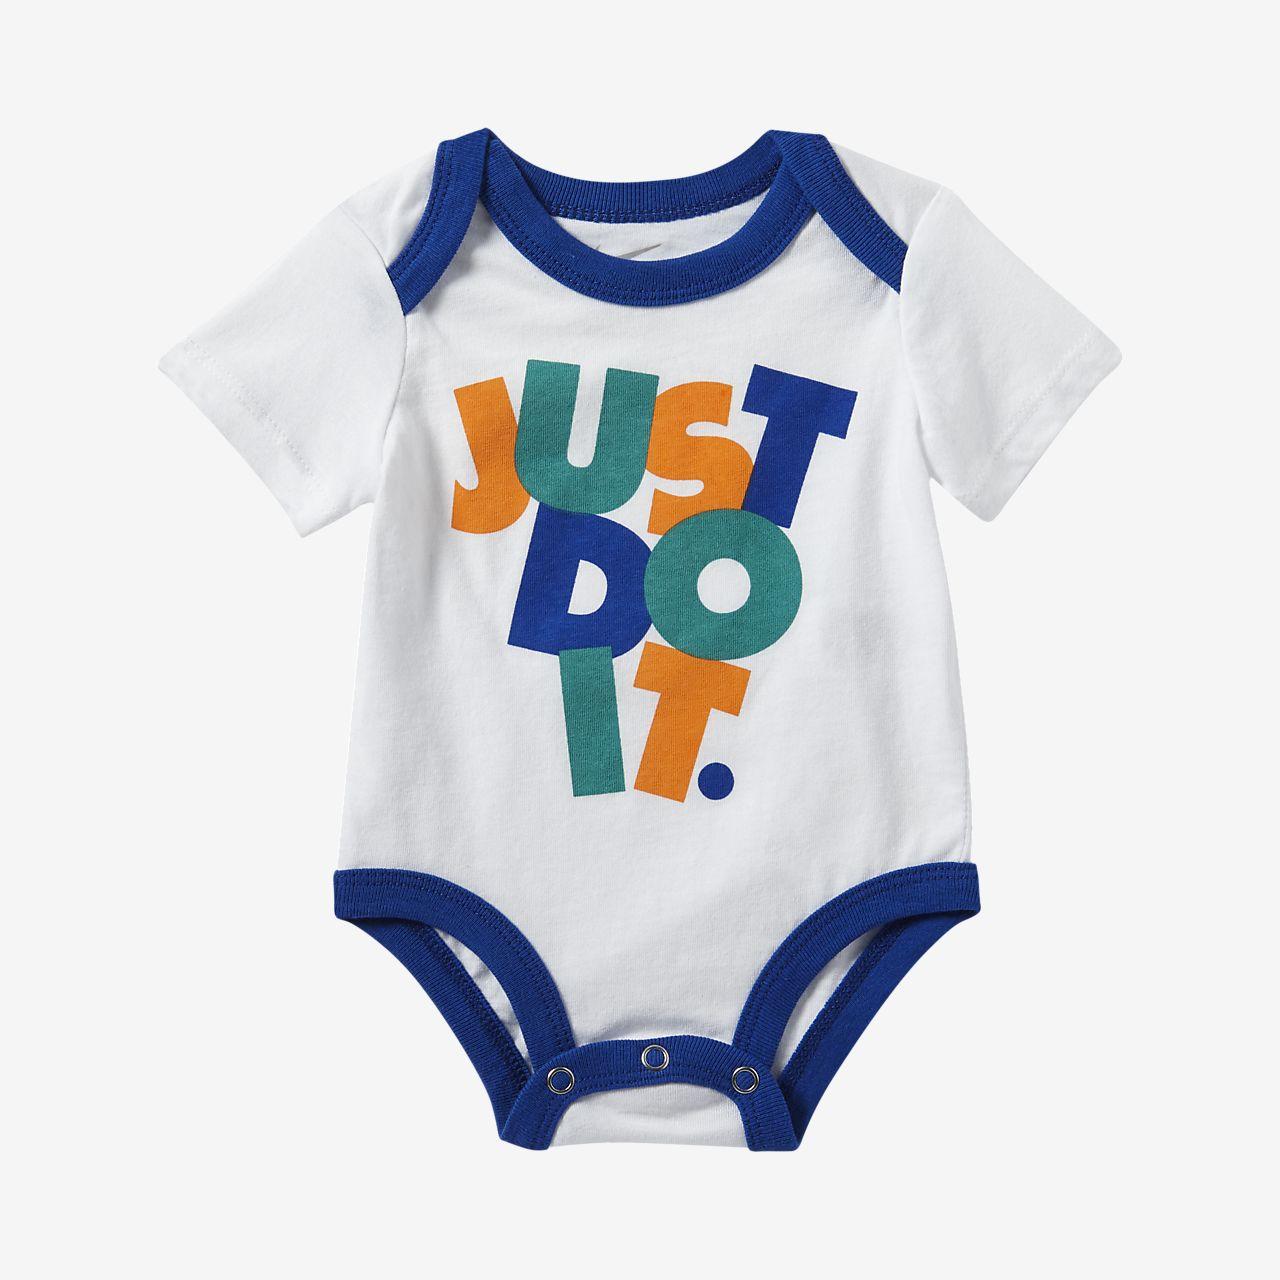 JDI-body Nike för baby/små barn